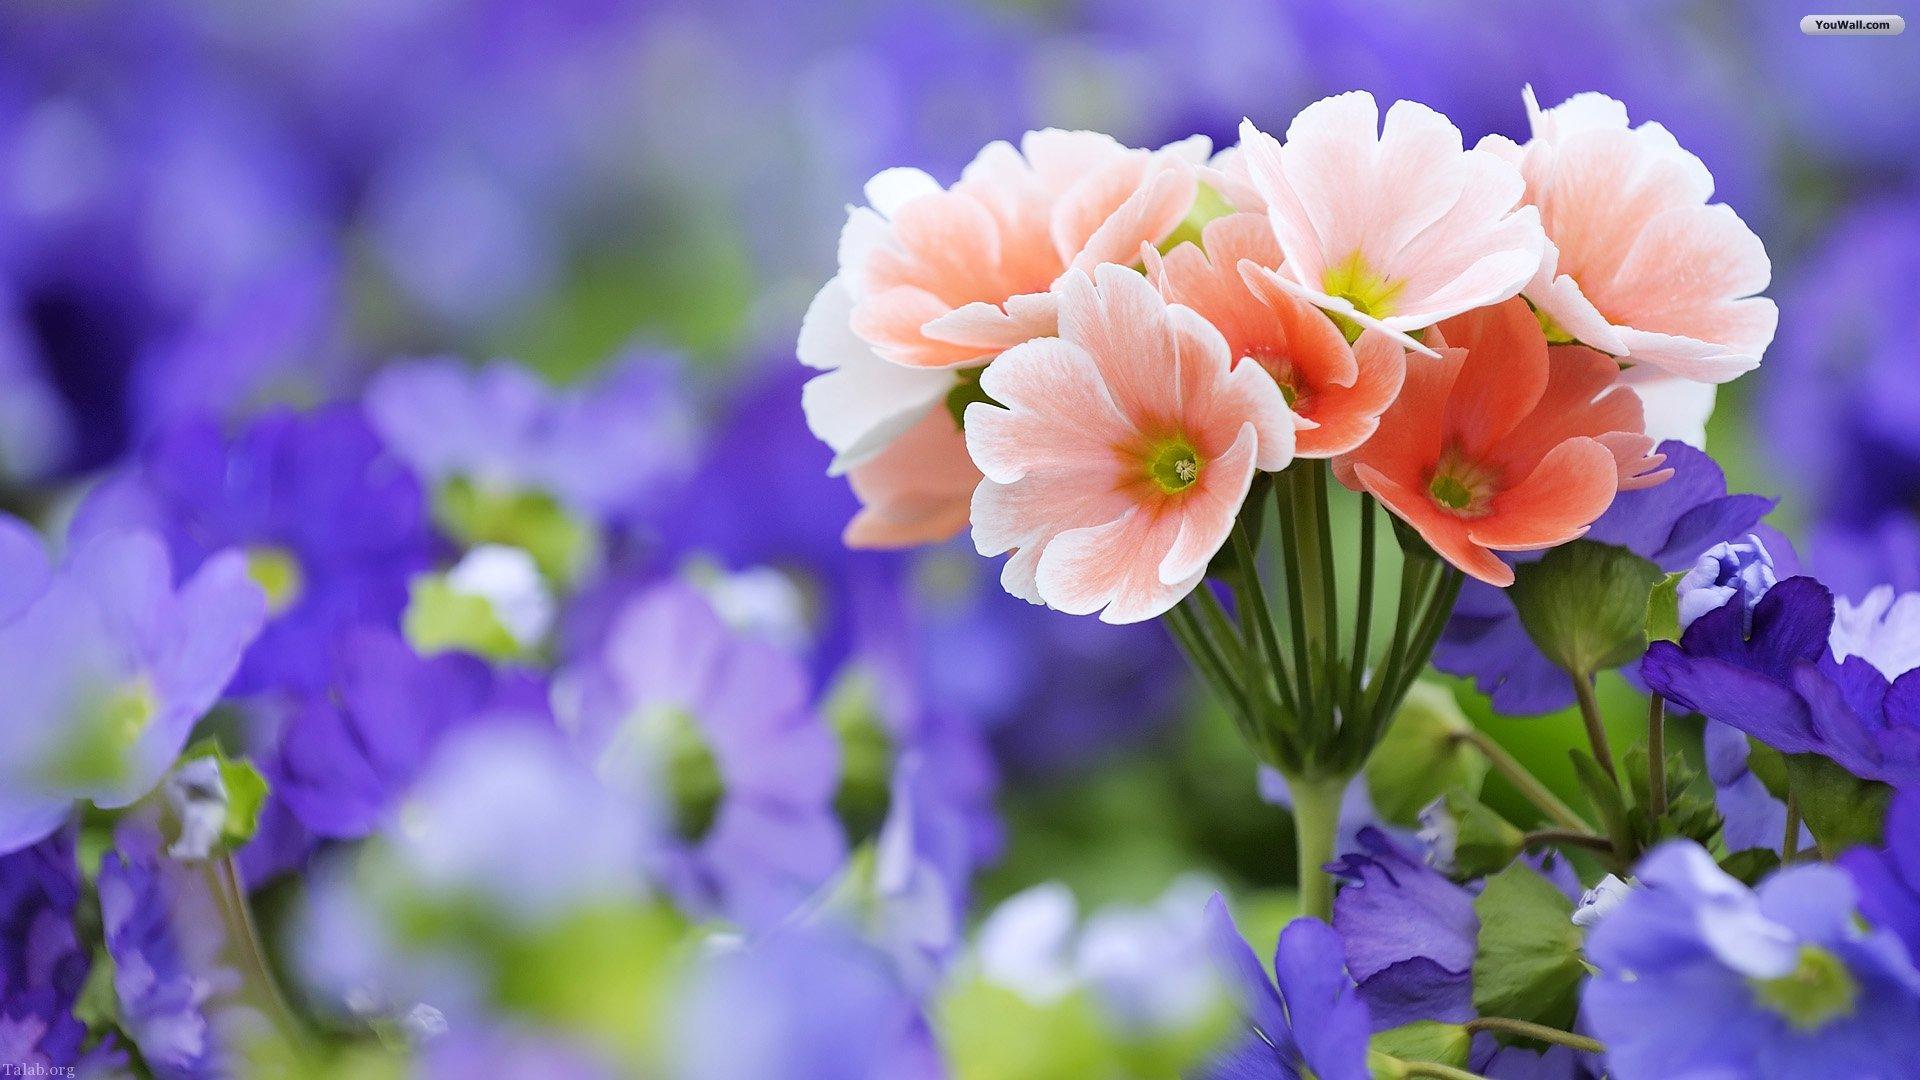 گل رز زیبا | گل های رز زیبا از همه رنگ + گل های زیبا برای پروفایل